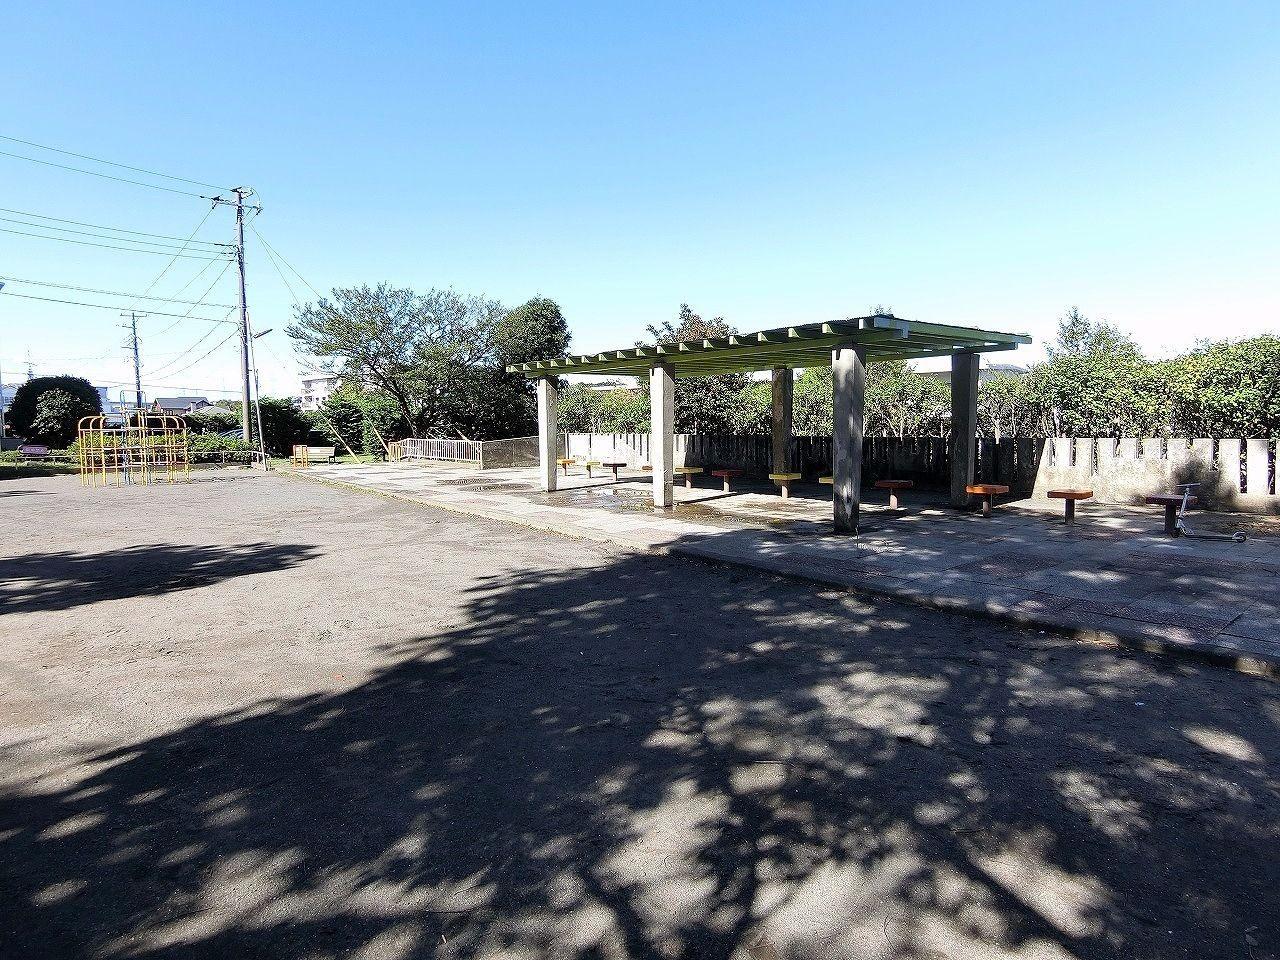 ドーナッツ公園・たまプラーザ団地(敷地内)・ベンチ